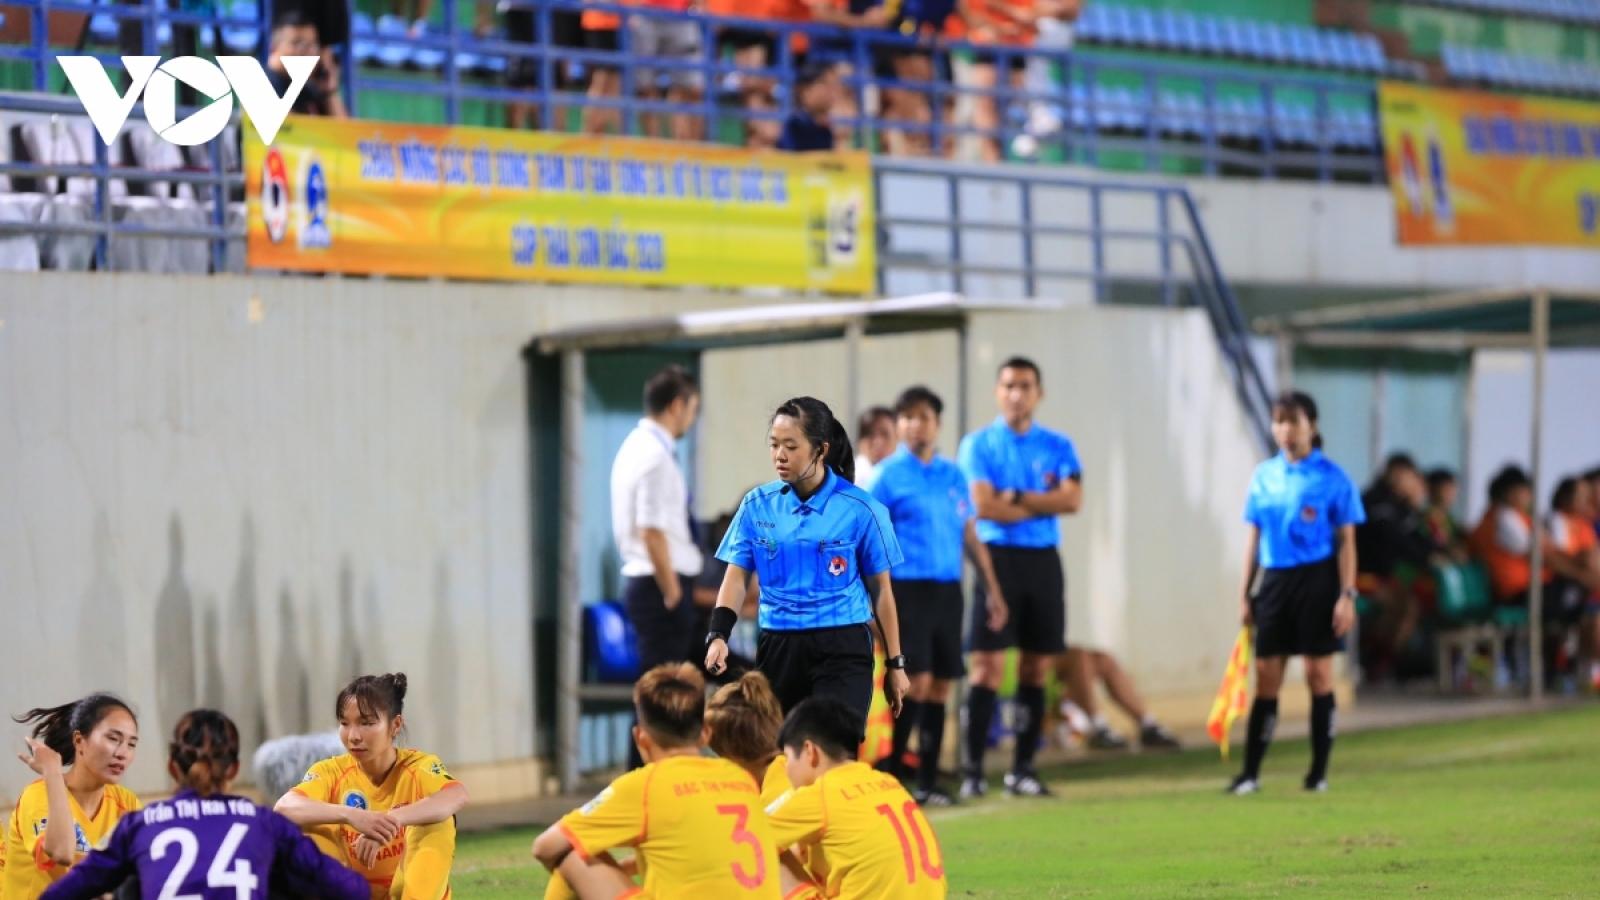 Bỏ ngang trận đấu, đội nữ Hà Nam bị xử thua 0-3, HLV bị cấm hoạt động bóng đá 5 năm